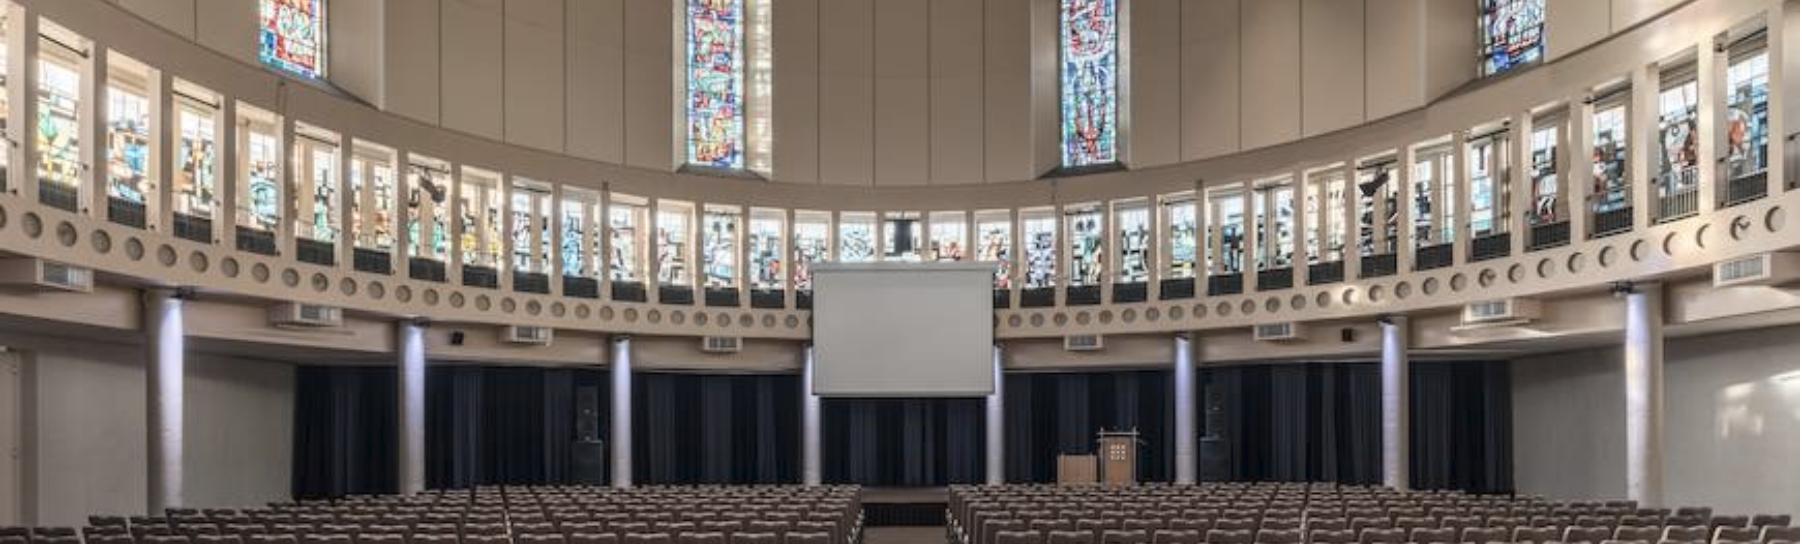 netherlands conference room